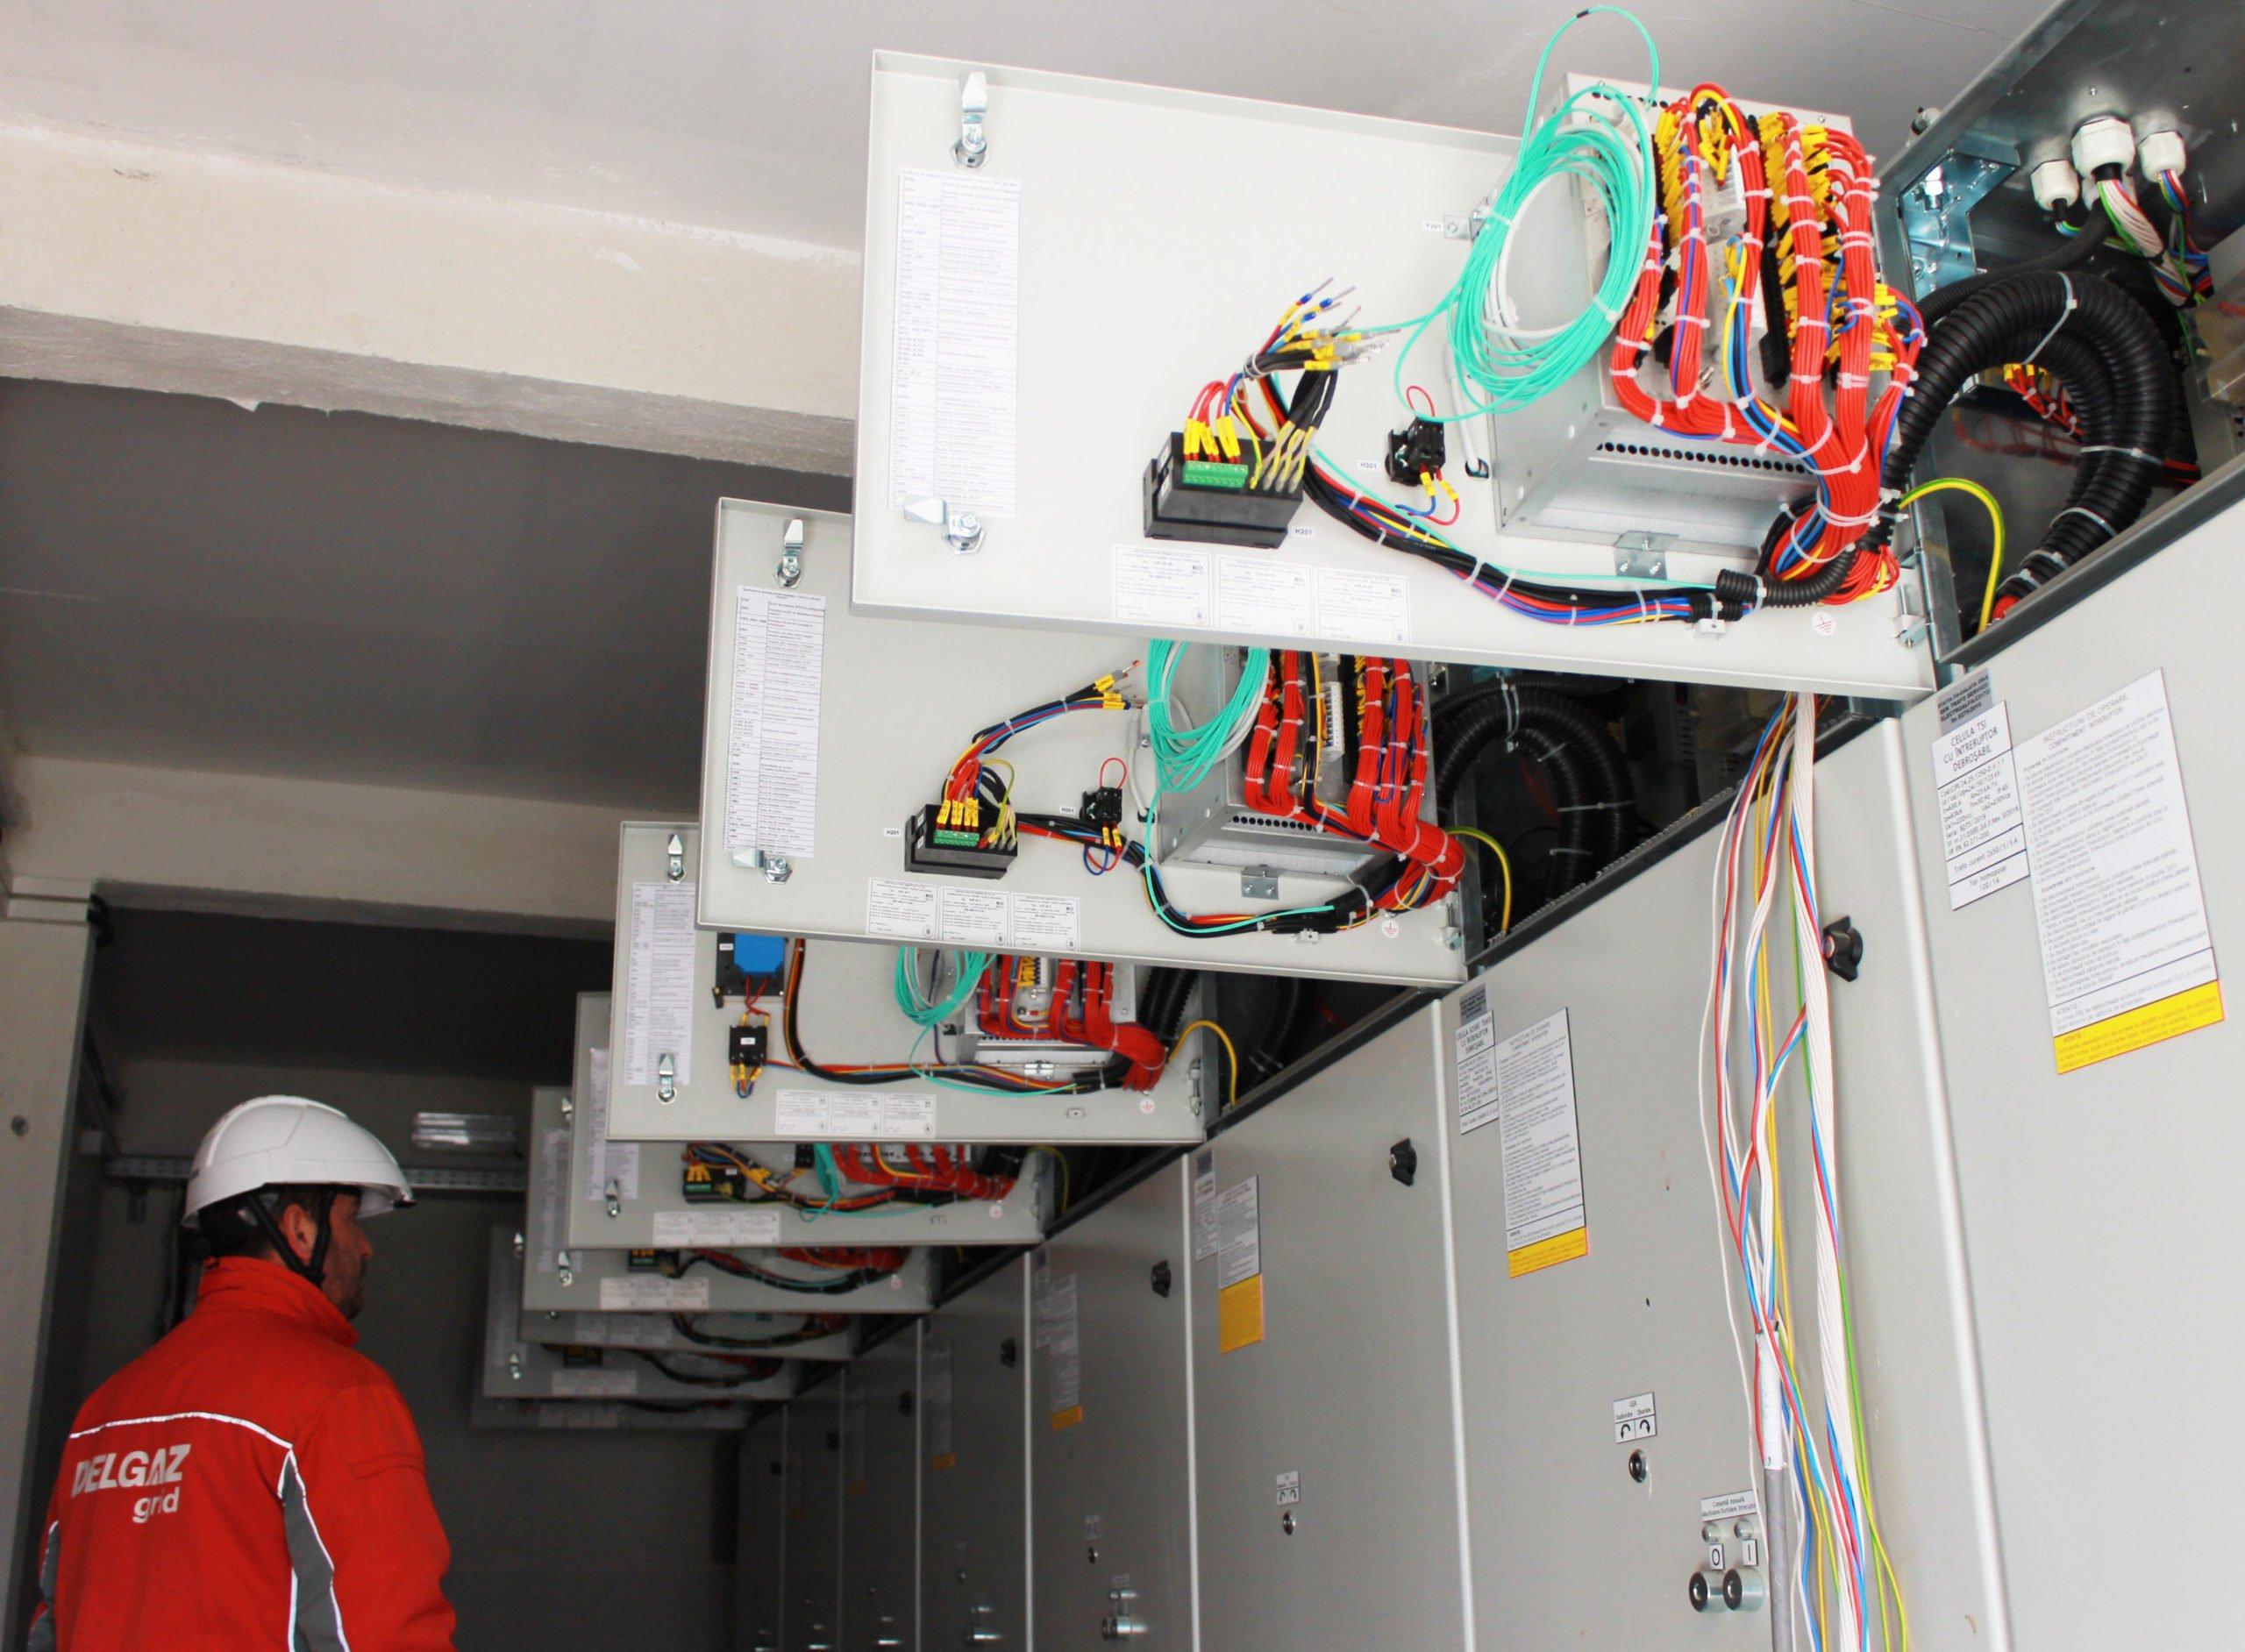 Delgaz Grid este pregătită să asigure continuitatea în alimentarea cu energie electrică și gaze naturale